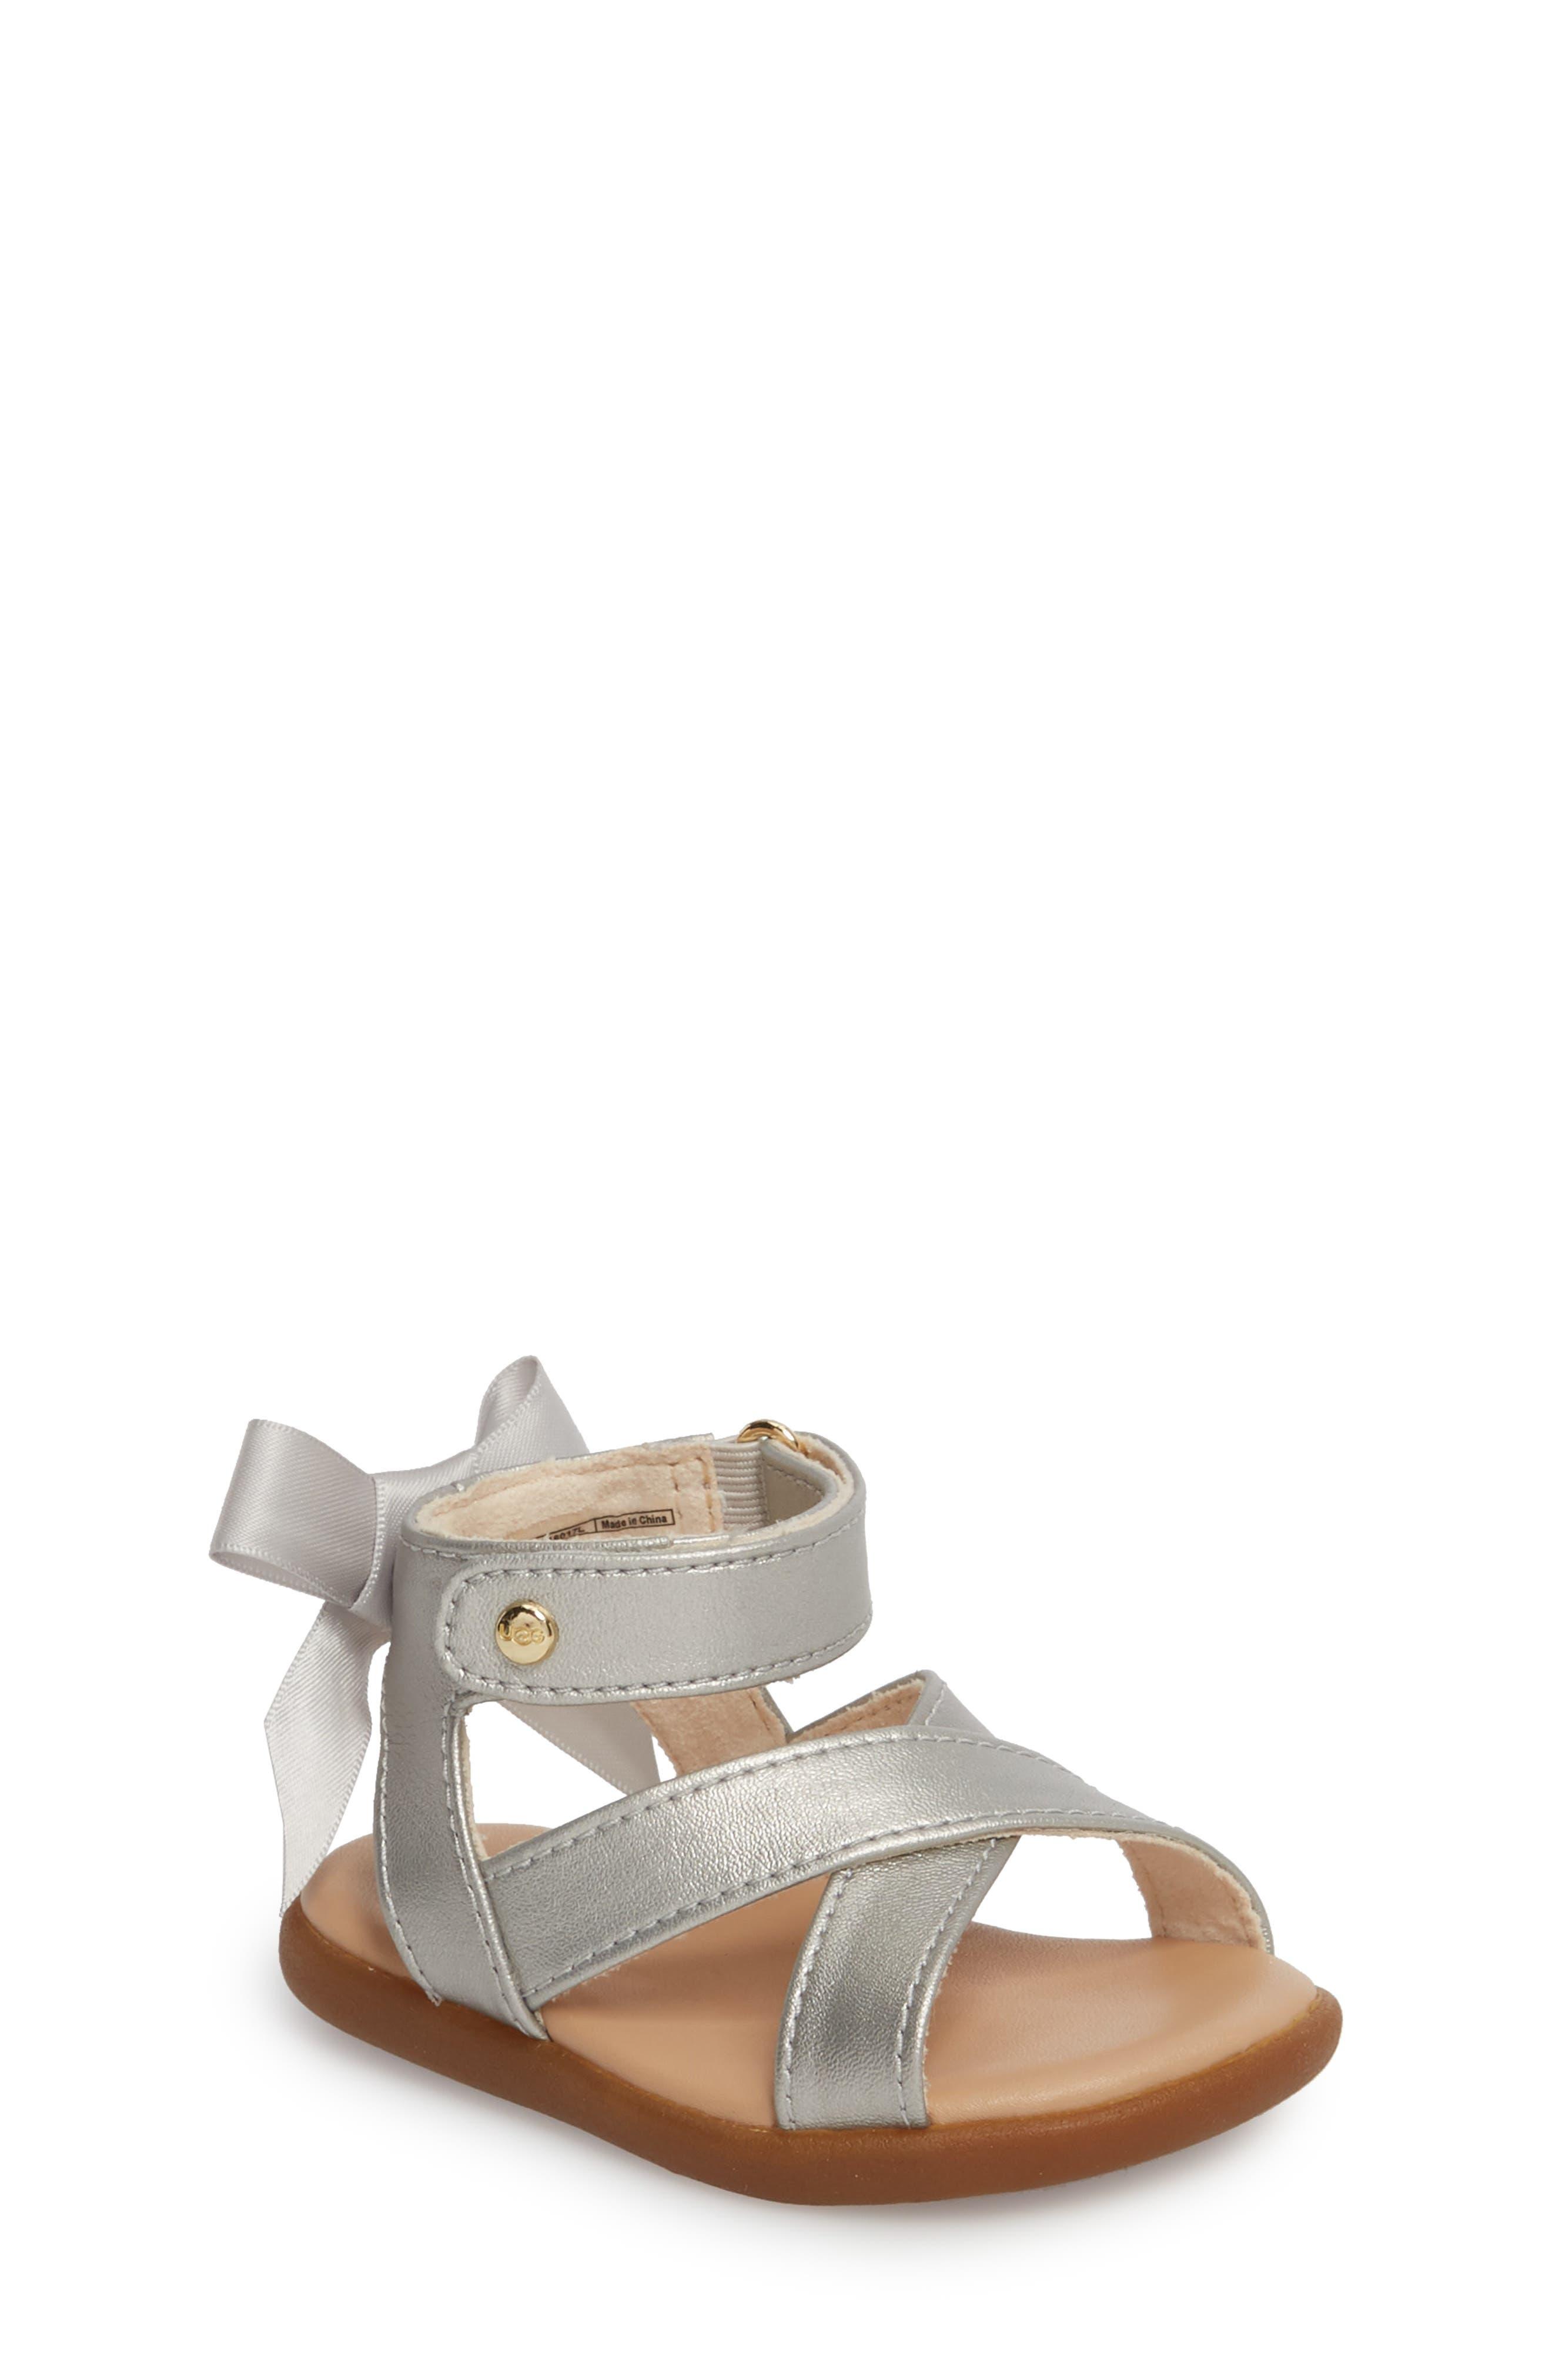 Maggiepie Sparkles Sandal,                         Main,                         color,